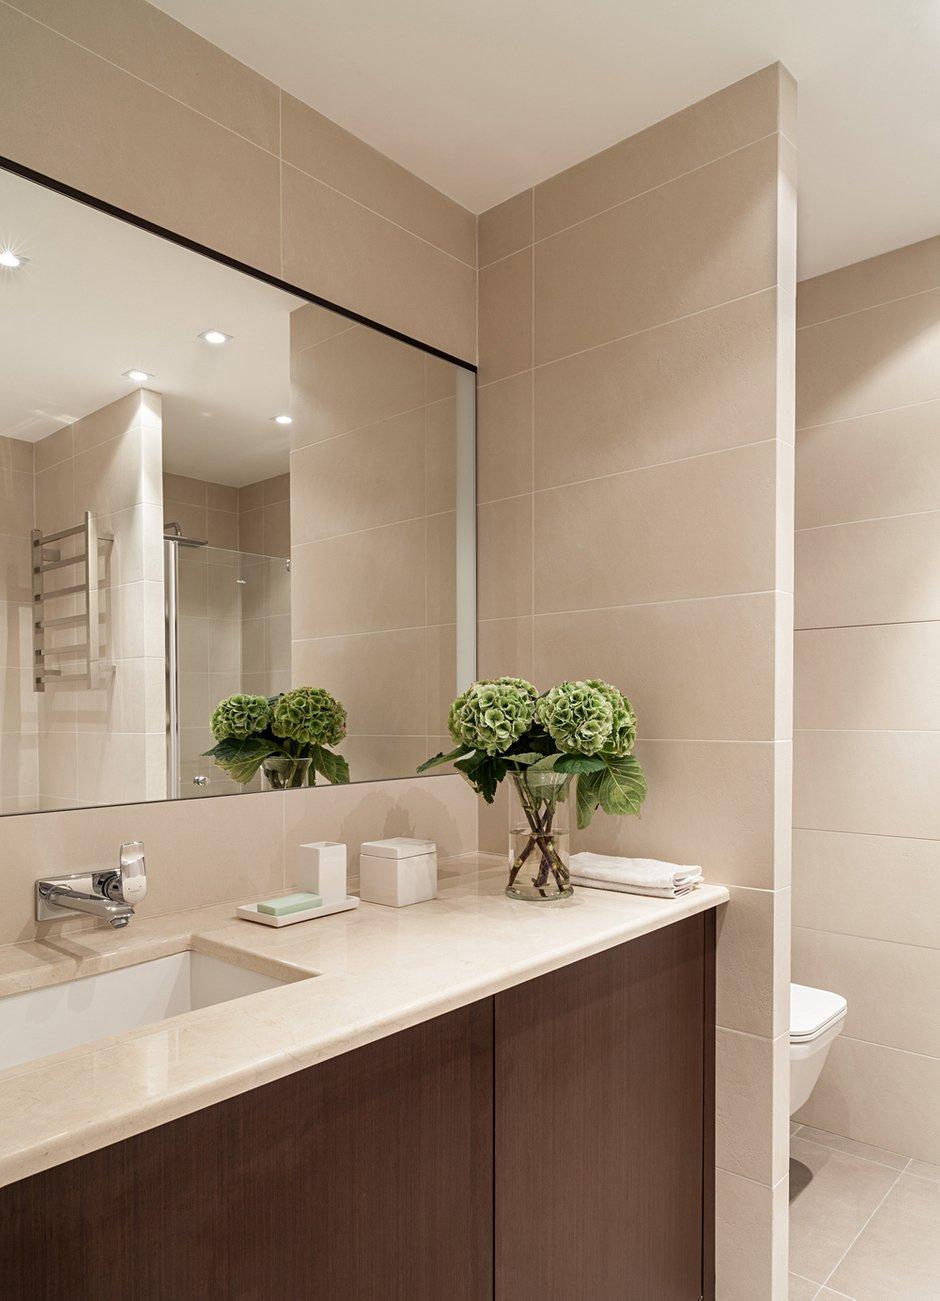 Фотография: Ванная в стиле Современный, Классический, Квартира, Дома и квартиры, IKEA, Проект недели, Дина Салахова – фото на INMYROOM